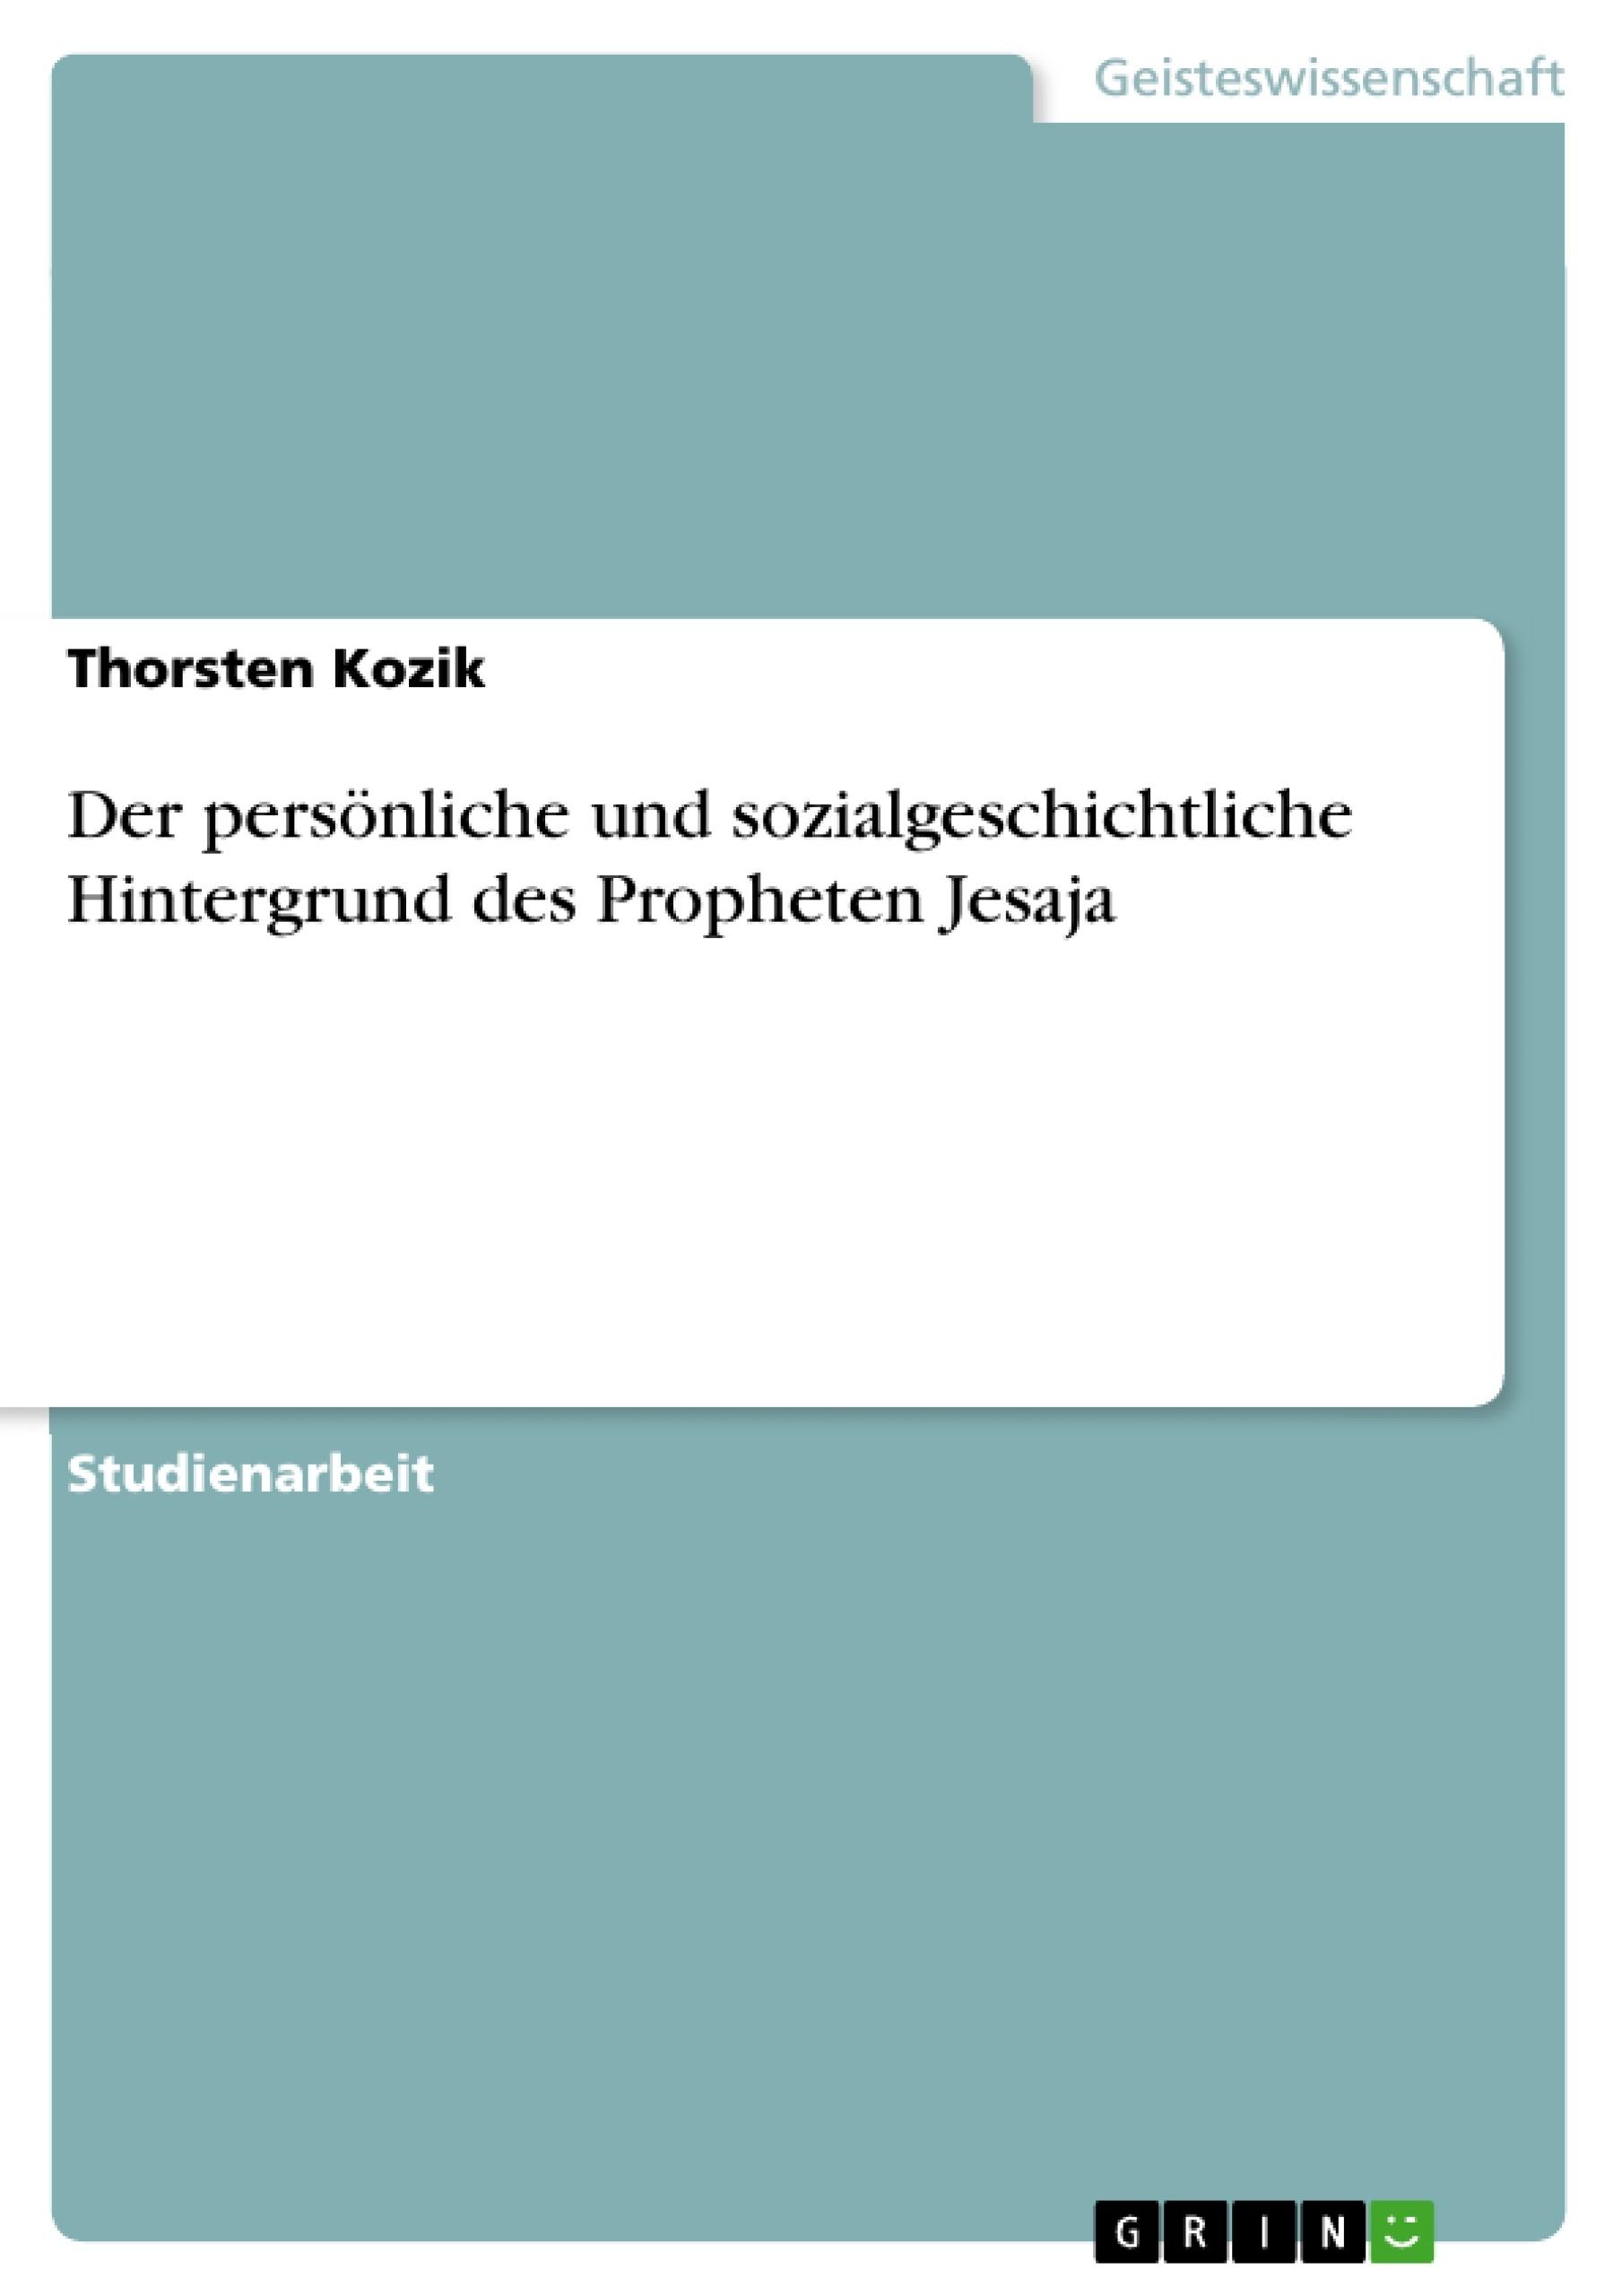 Titel: Der persönliche und sozialgeschichtliche Hintergrund des Propheten Jesaja